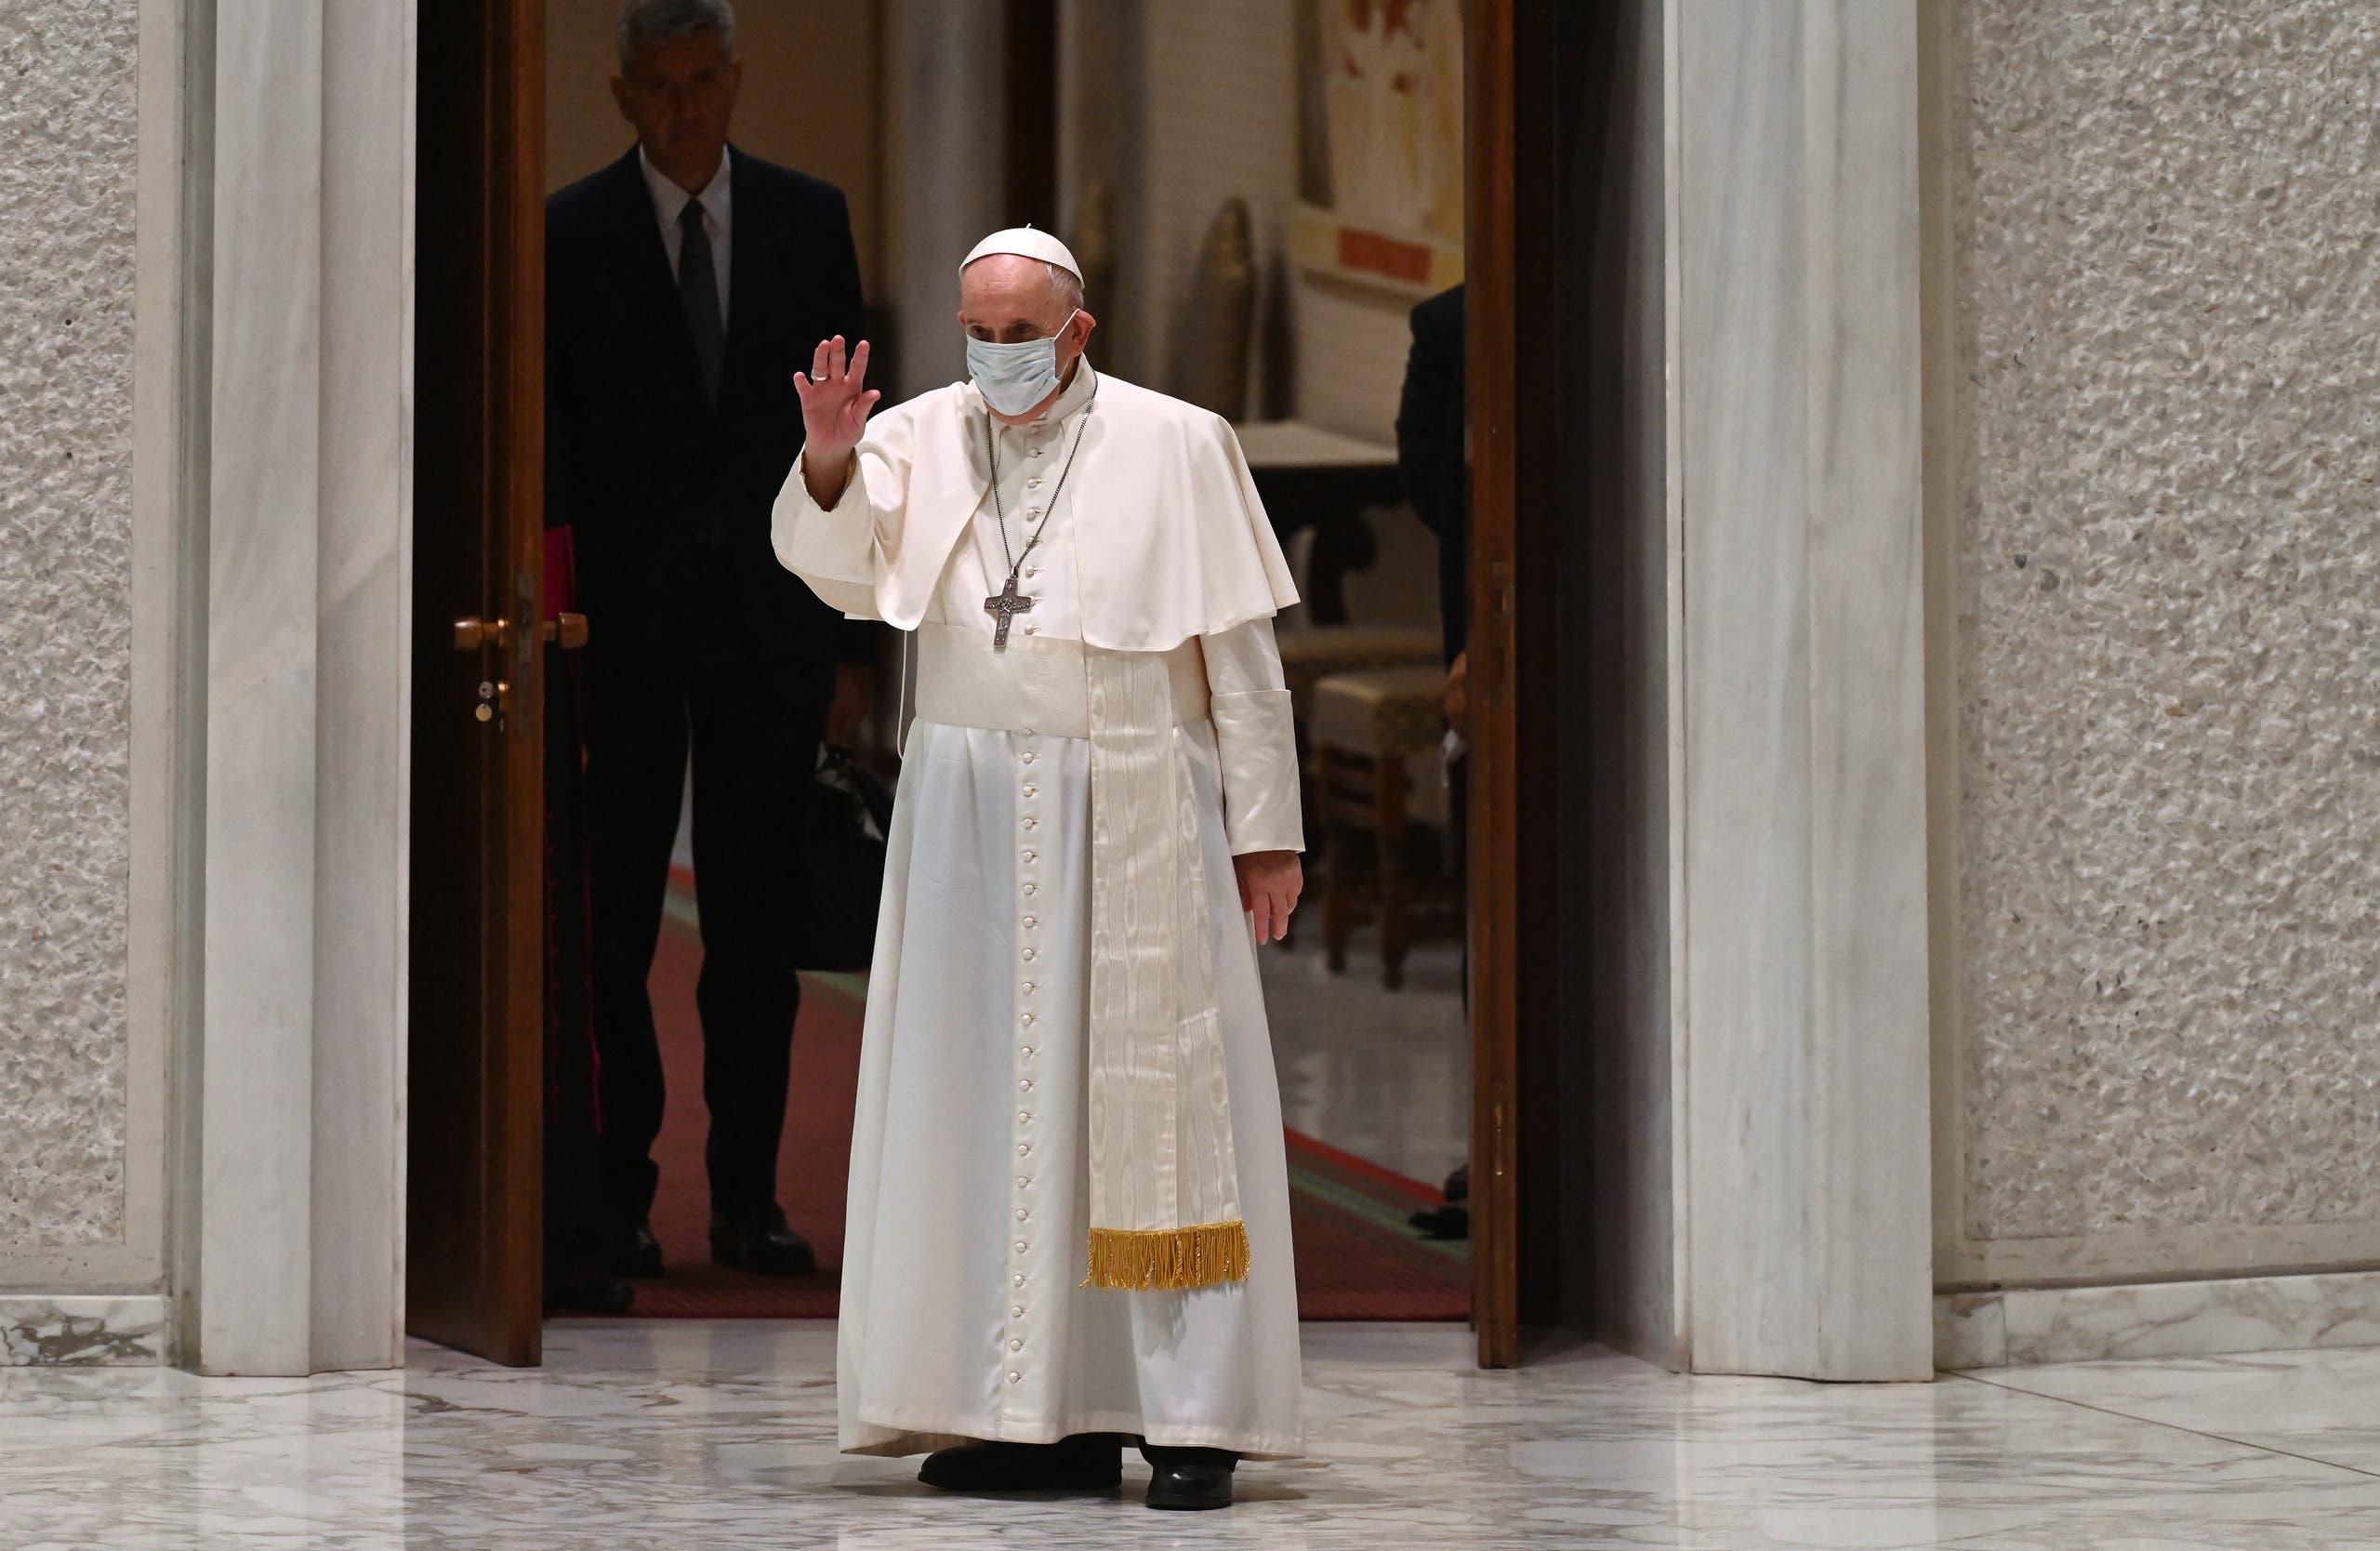 البابا فرنسيس اليوم في الفاتيكان